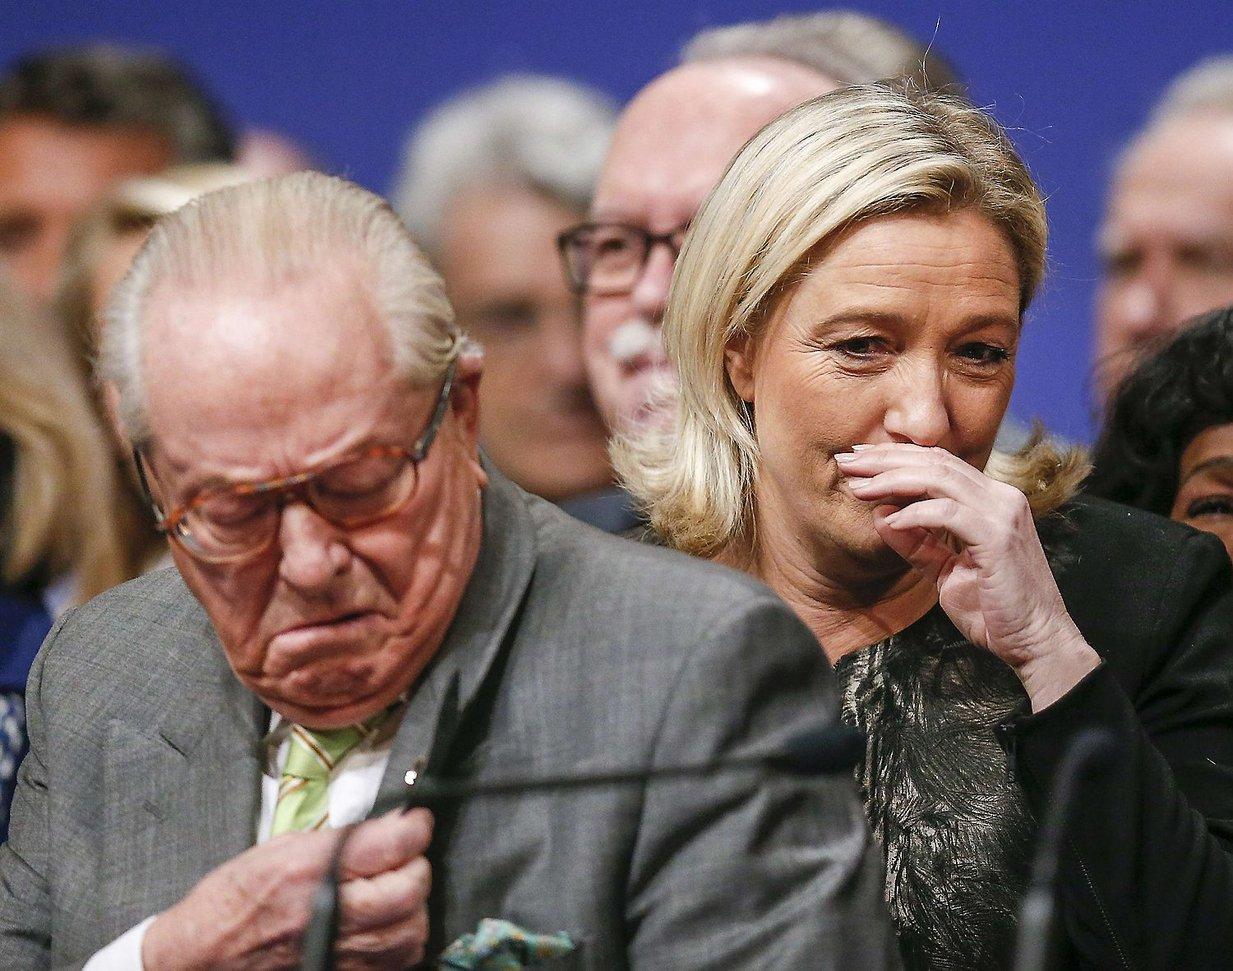 ЛеПен поздравила Макрона спобедой навыборах